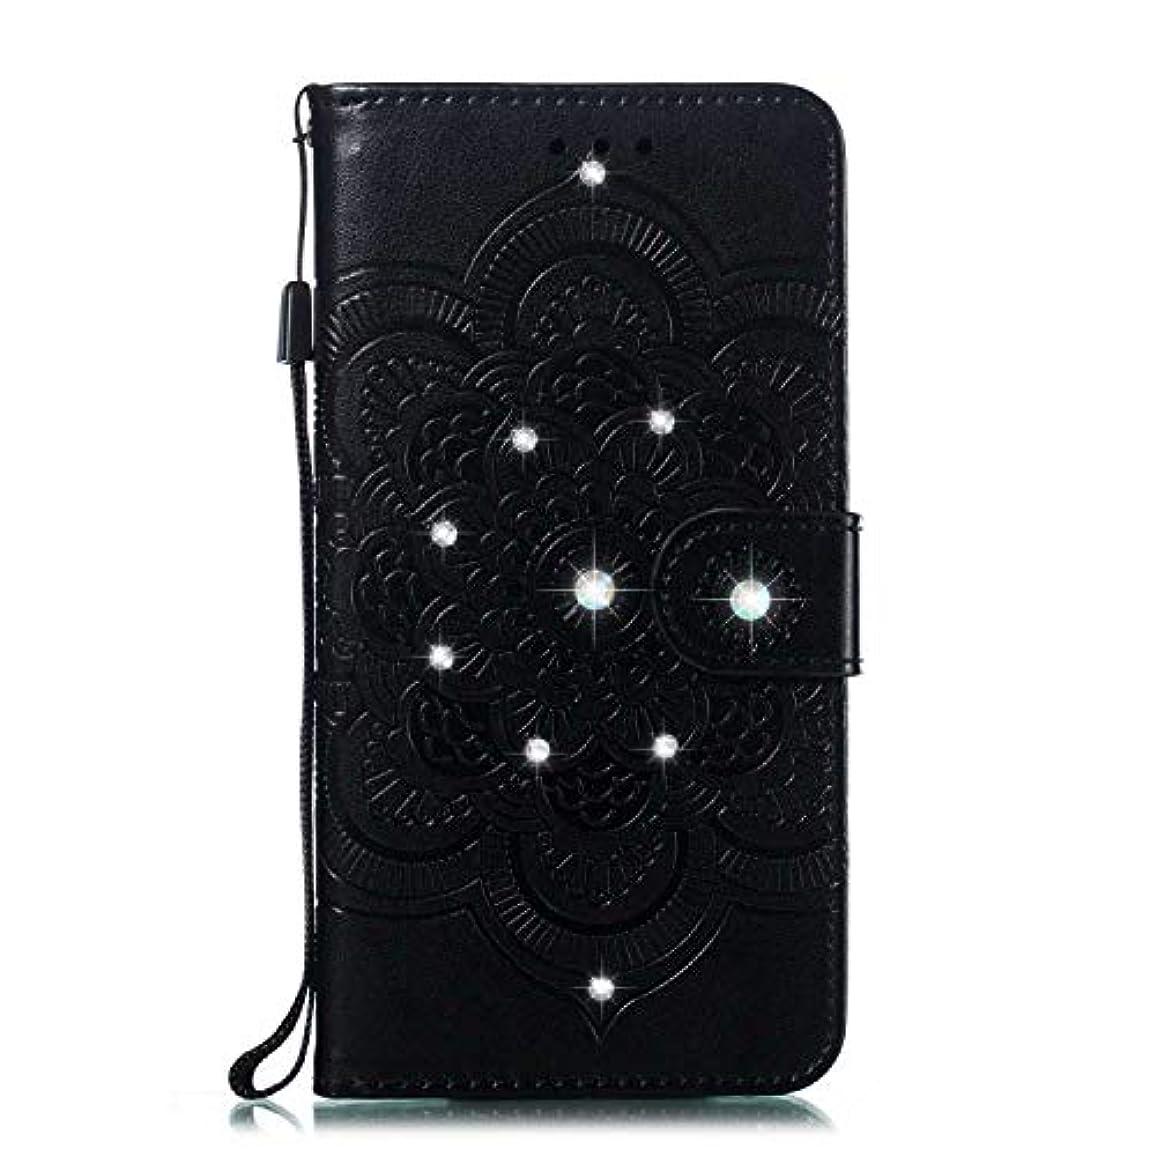 楕円形強盗適応CUNUS 高品質 合皮レザー ケース Huawei Honor 10 用, 防塵 ケース, 軽量 スタンド機能 耐汚れ カード収納 カバー, ブラック